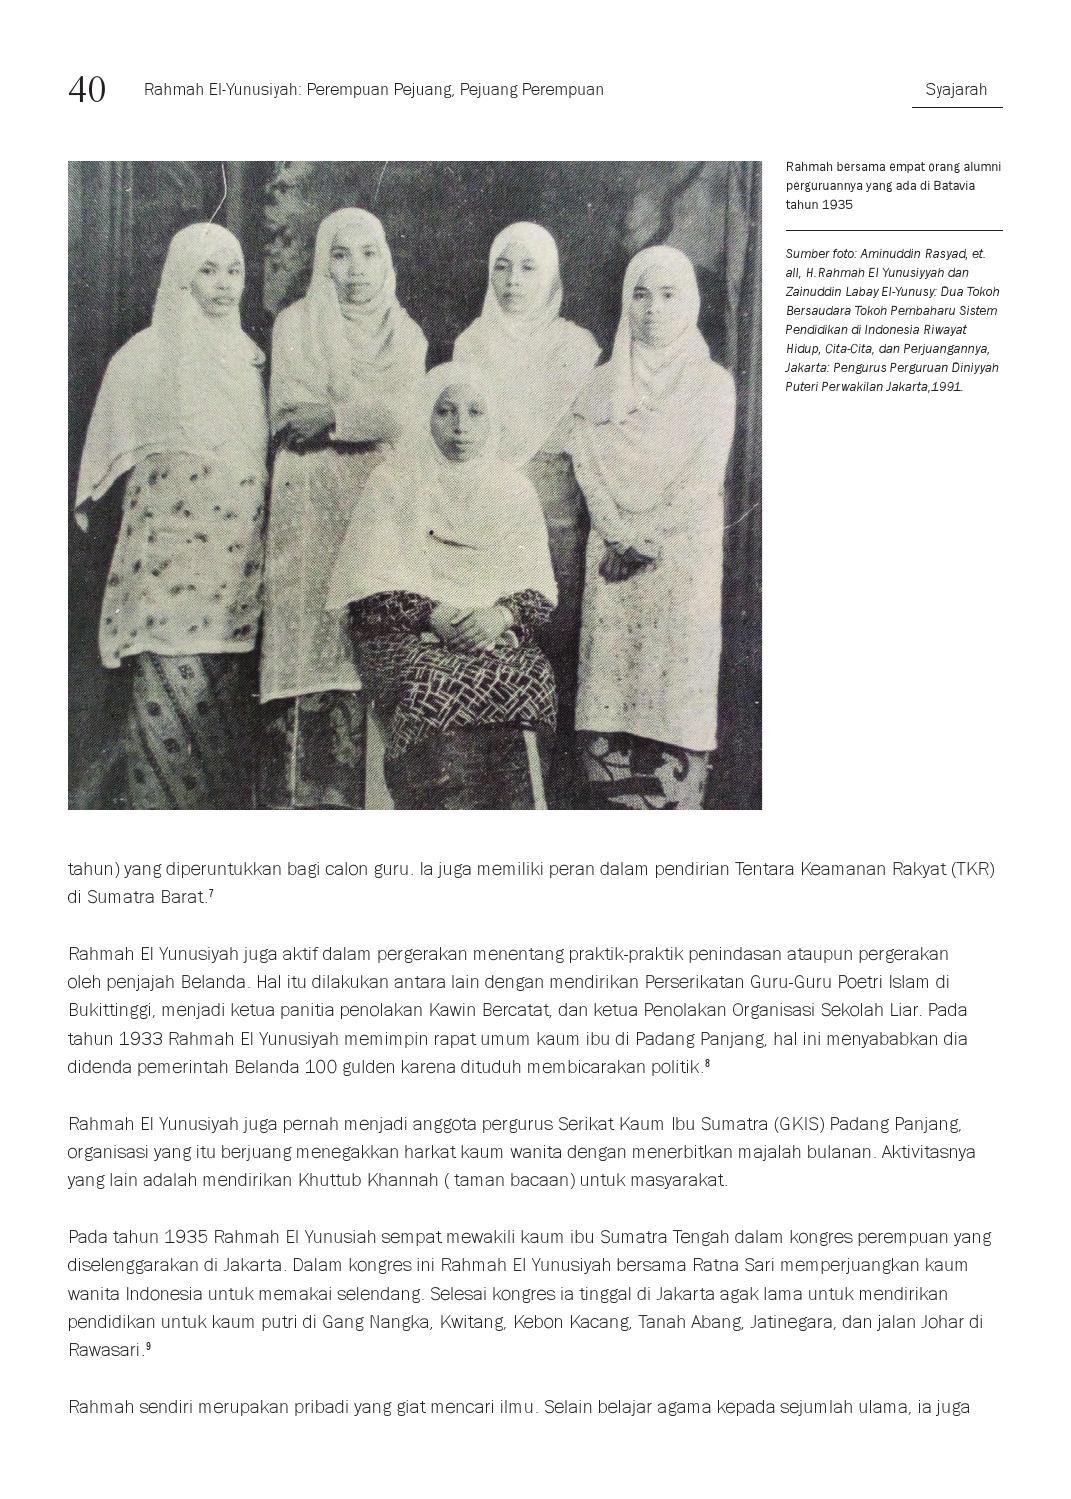 Tokoh Perempuan Yang Berasal Dari Sumatera Barat Yang Mendirikan Perguruan Putri Adalah : tokoh, perempuan, berasal, sumatera, barat, mendirikan, perguruan, putri, adalah, Tokoh, Perempuan, Berasal, Sumatera, Barat, Mendirikan, Perguruan, Putri, Adalah, Akurat